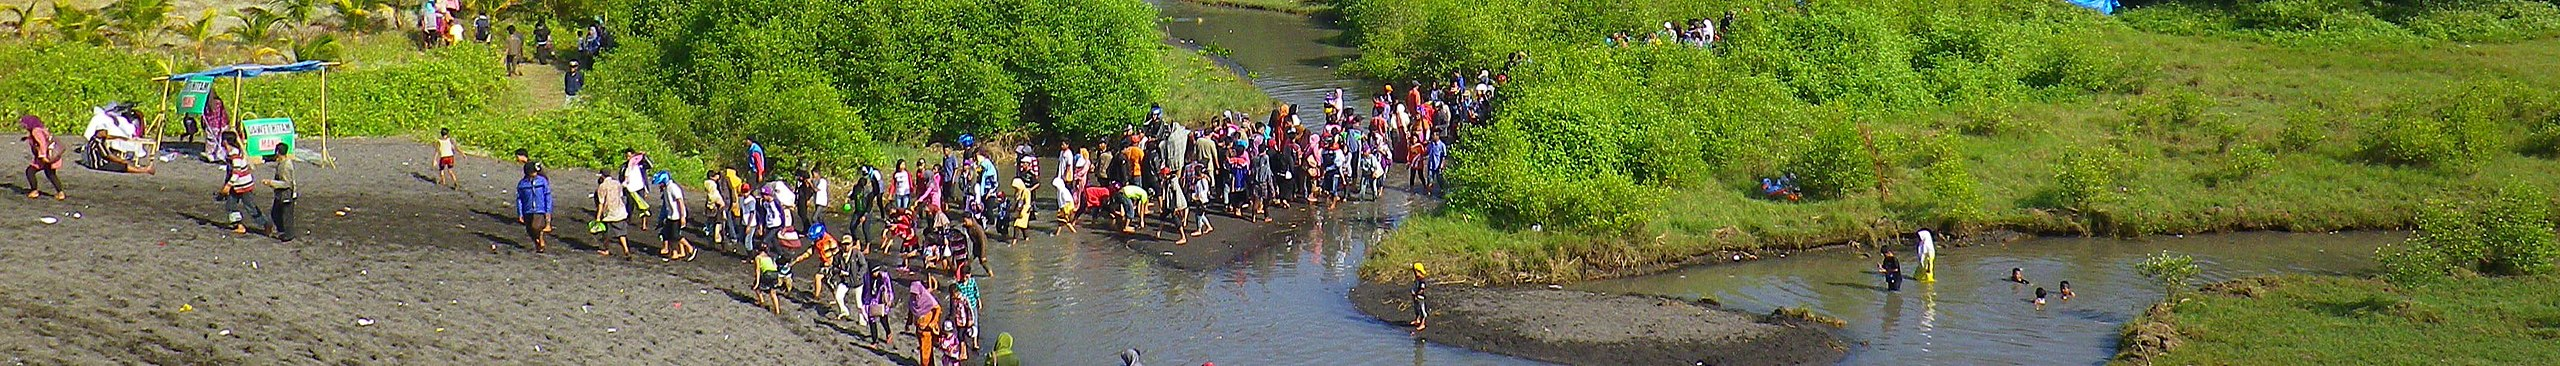 Kebumen Travel Guide Wikivoyage Taman Kota Jenderal Hm Sarbini Kab